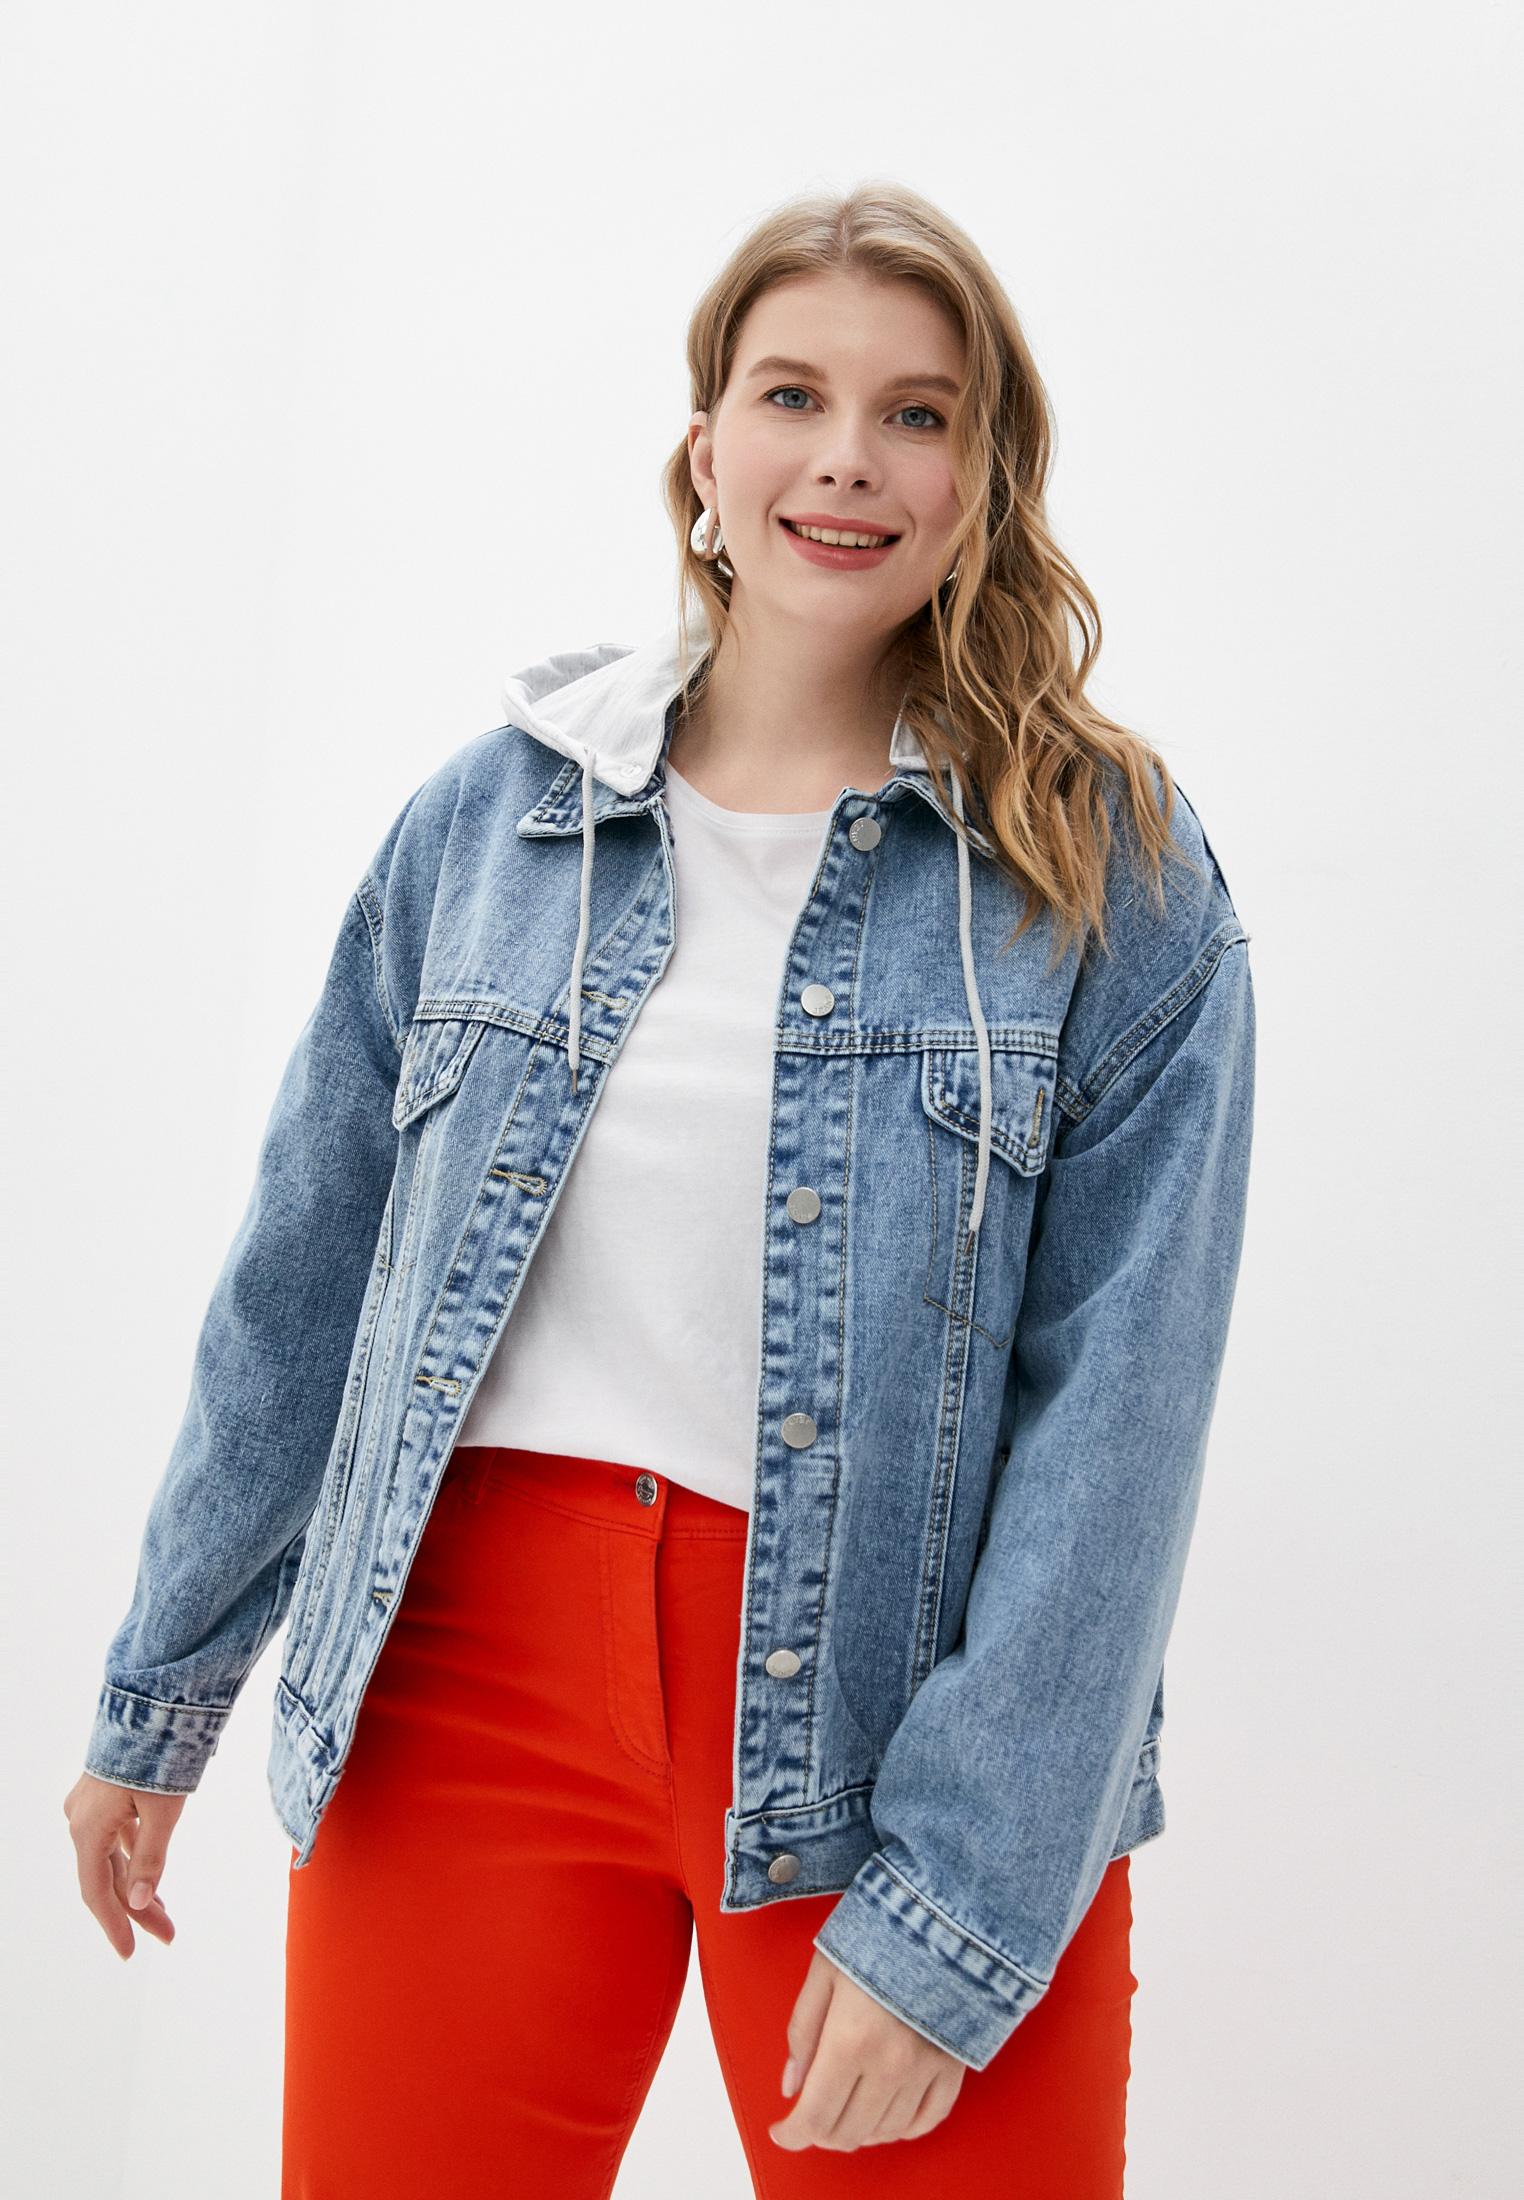 Джинсовая куртка Chic de Femme Куртка джинсовая Chic de Femme